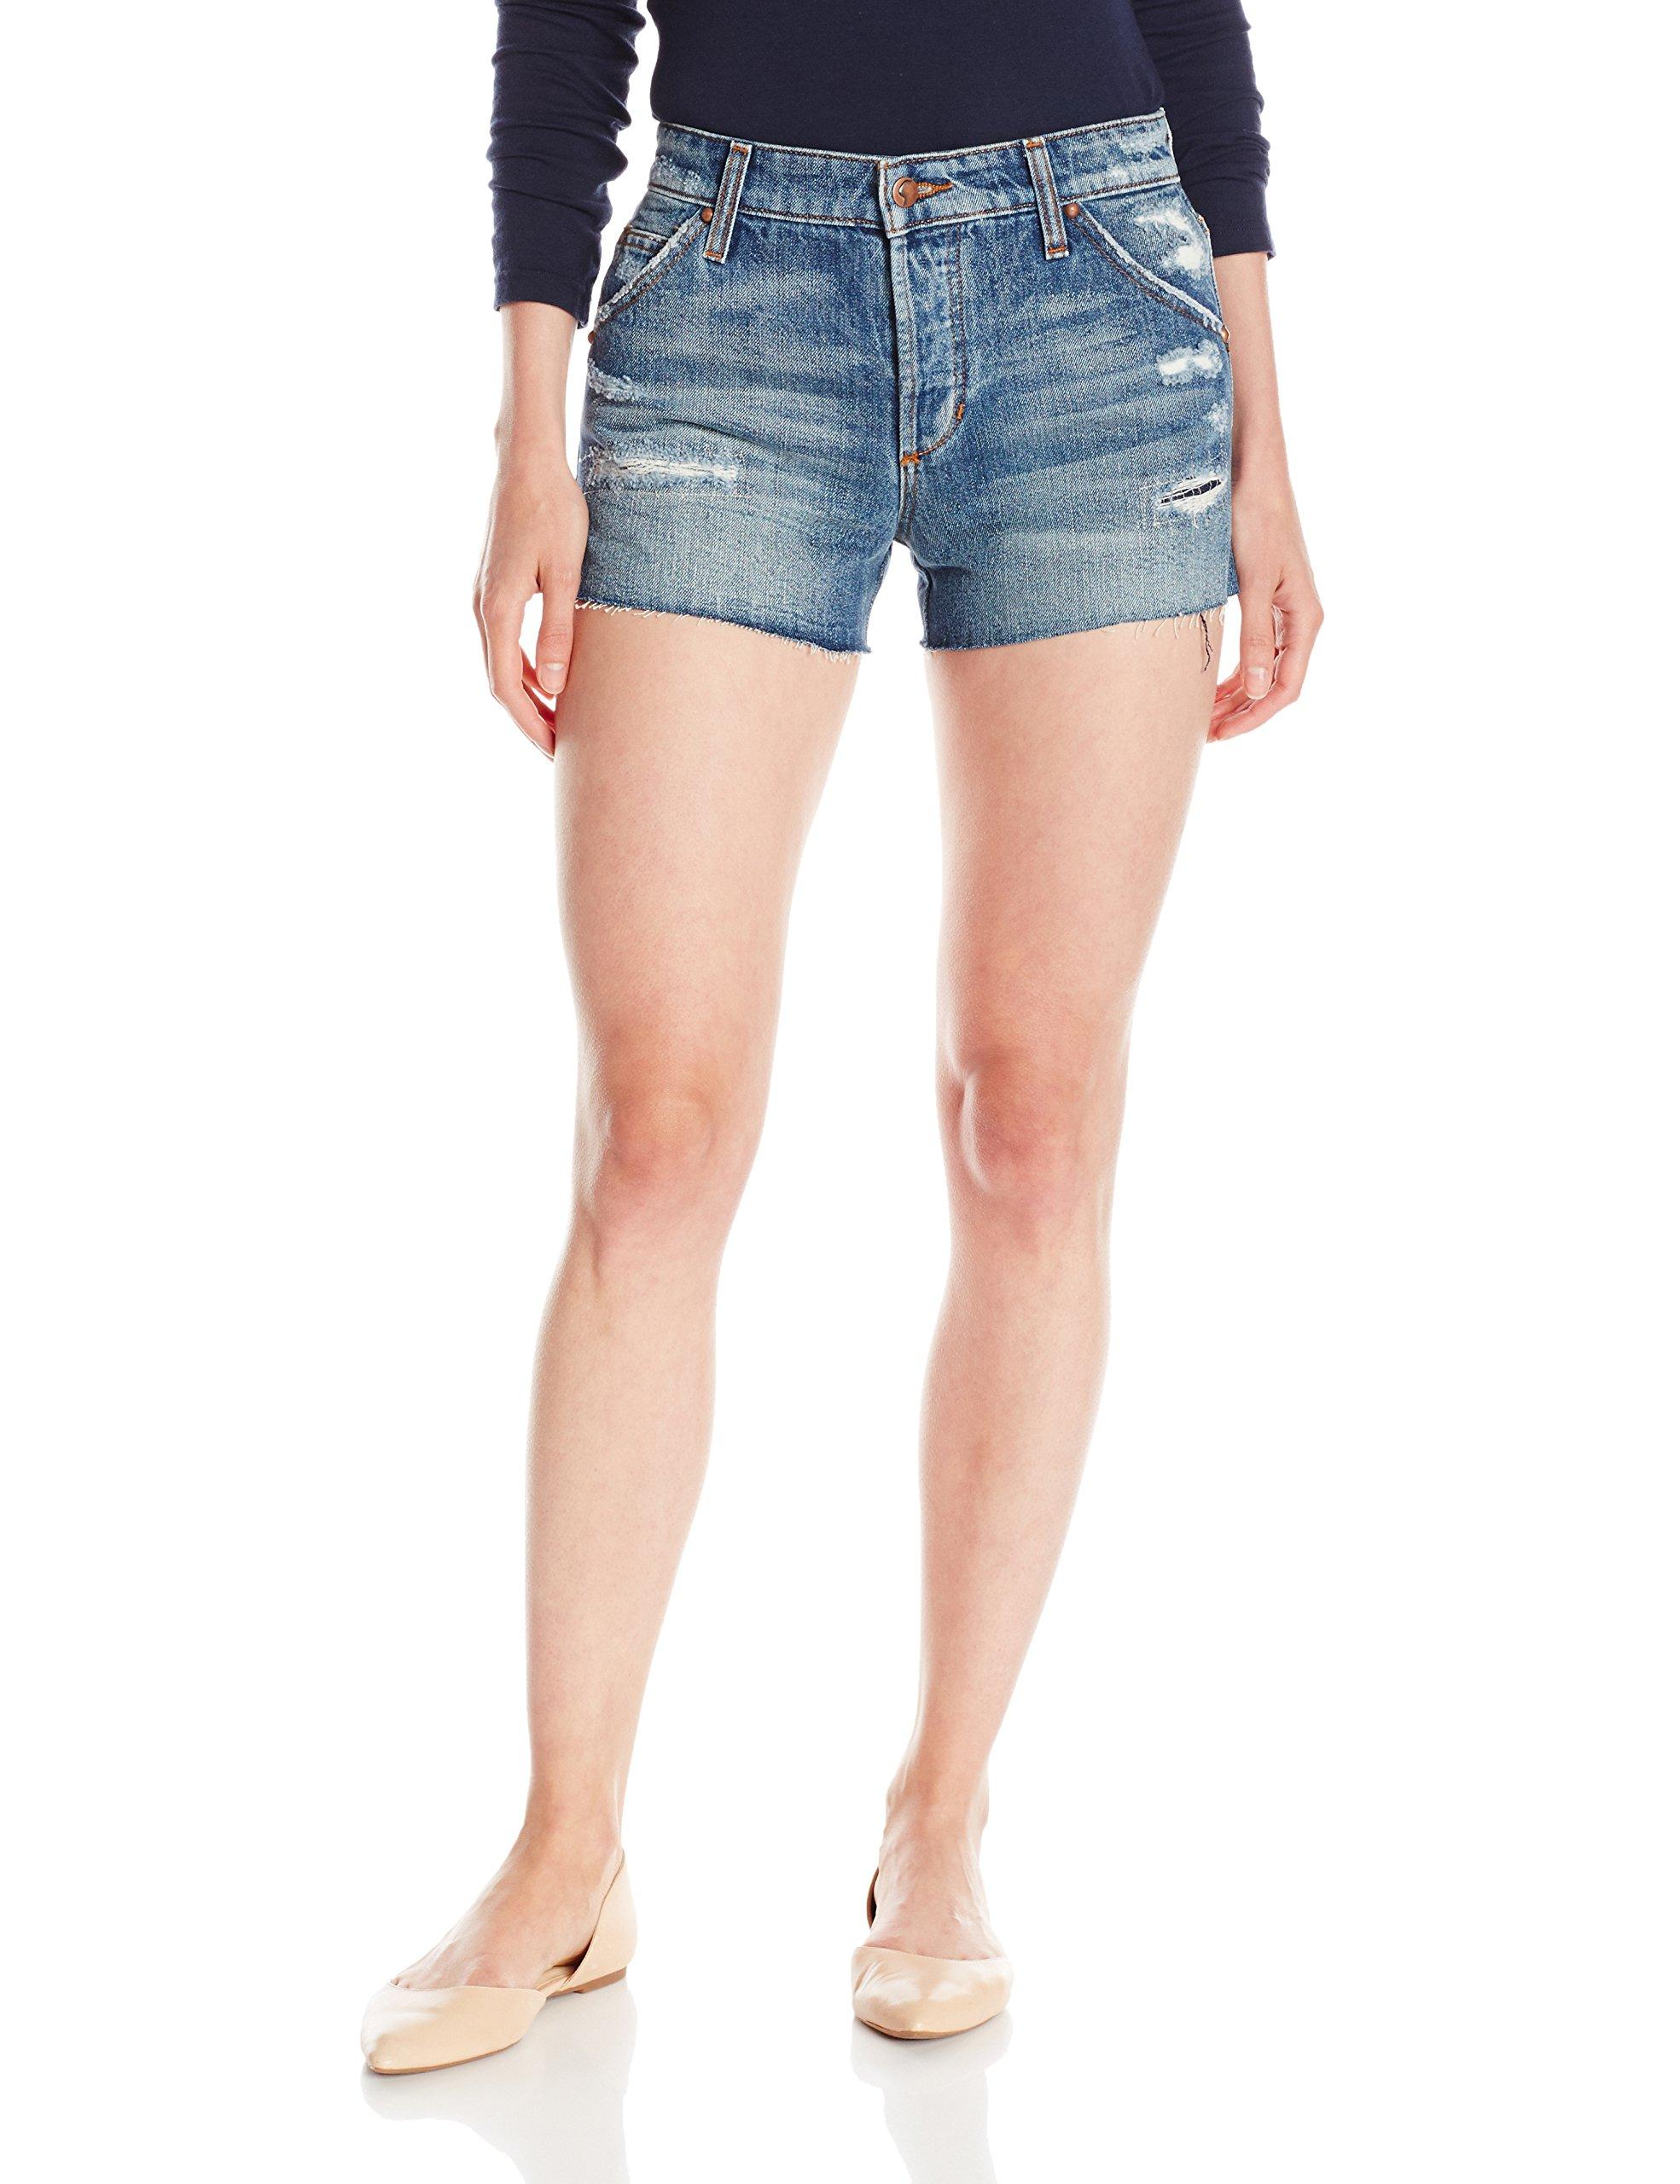 Joe's Jeans Women's Wasteland Jean Short, Steph, 29